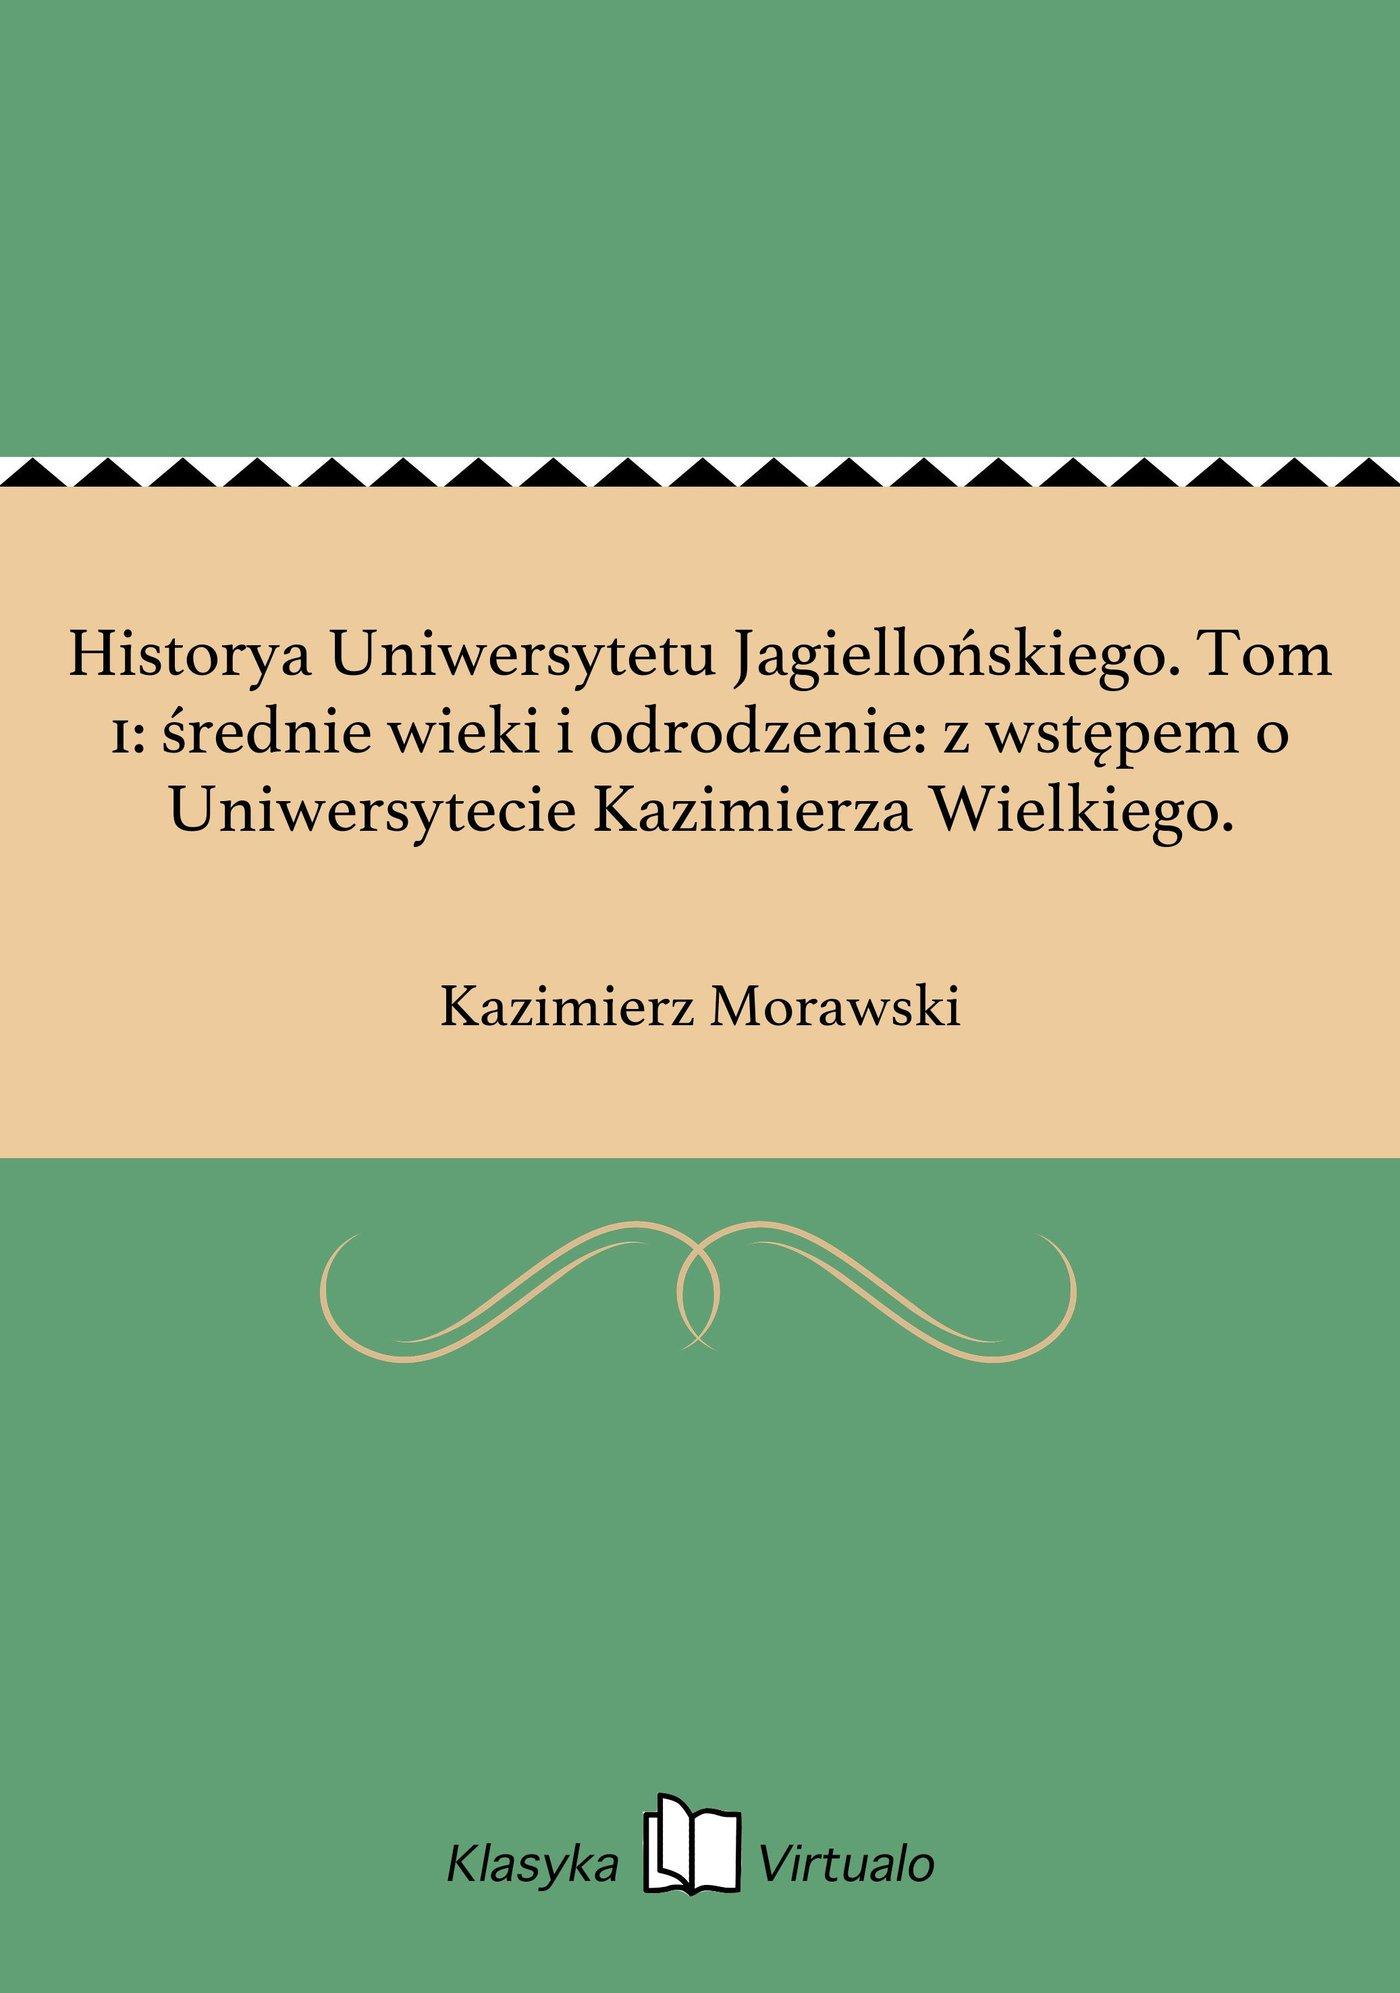 Historya Uniwersytetu Jagiellońskiego. Tom 1: średnie wieki i odrodzenie: z wstępem o Uniwersytecie Kazimierza Wielkiego. - Ebook (Książka EPUB) do pobrania w formacie EPUB